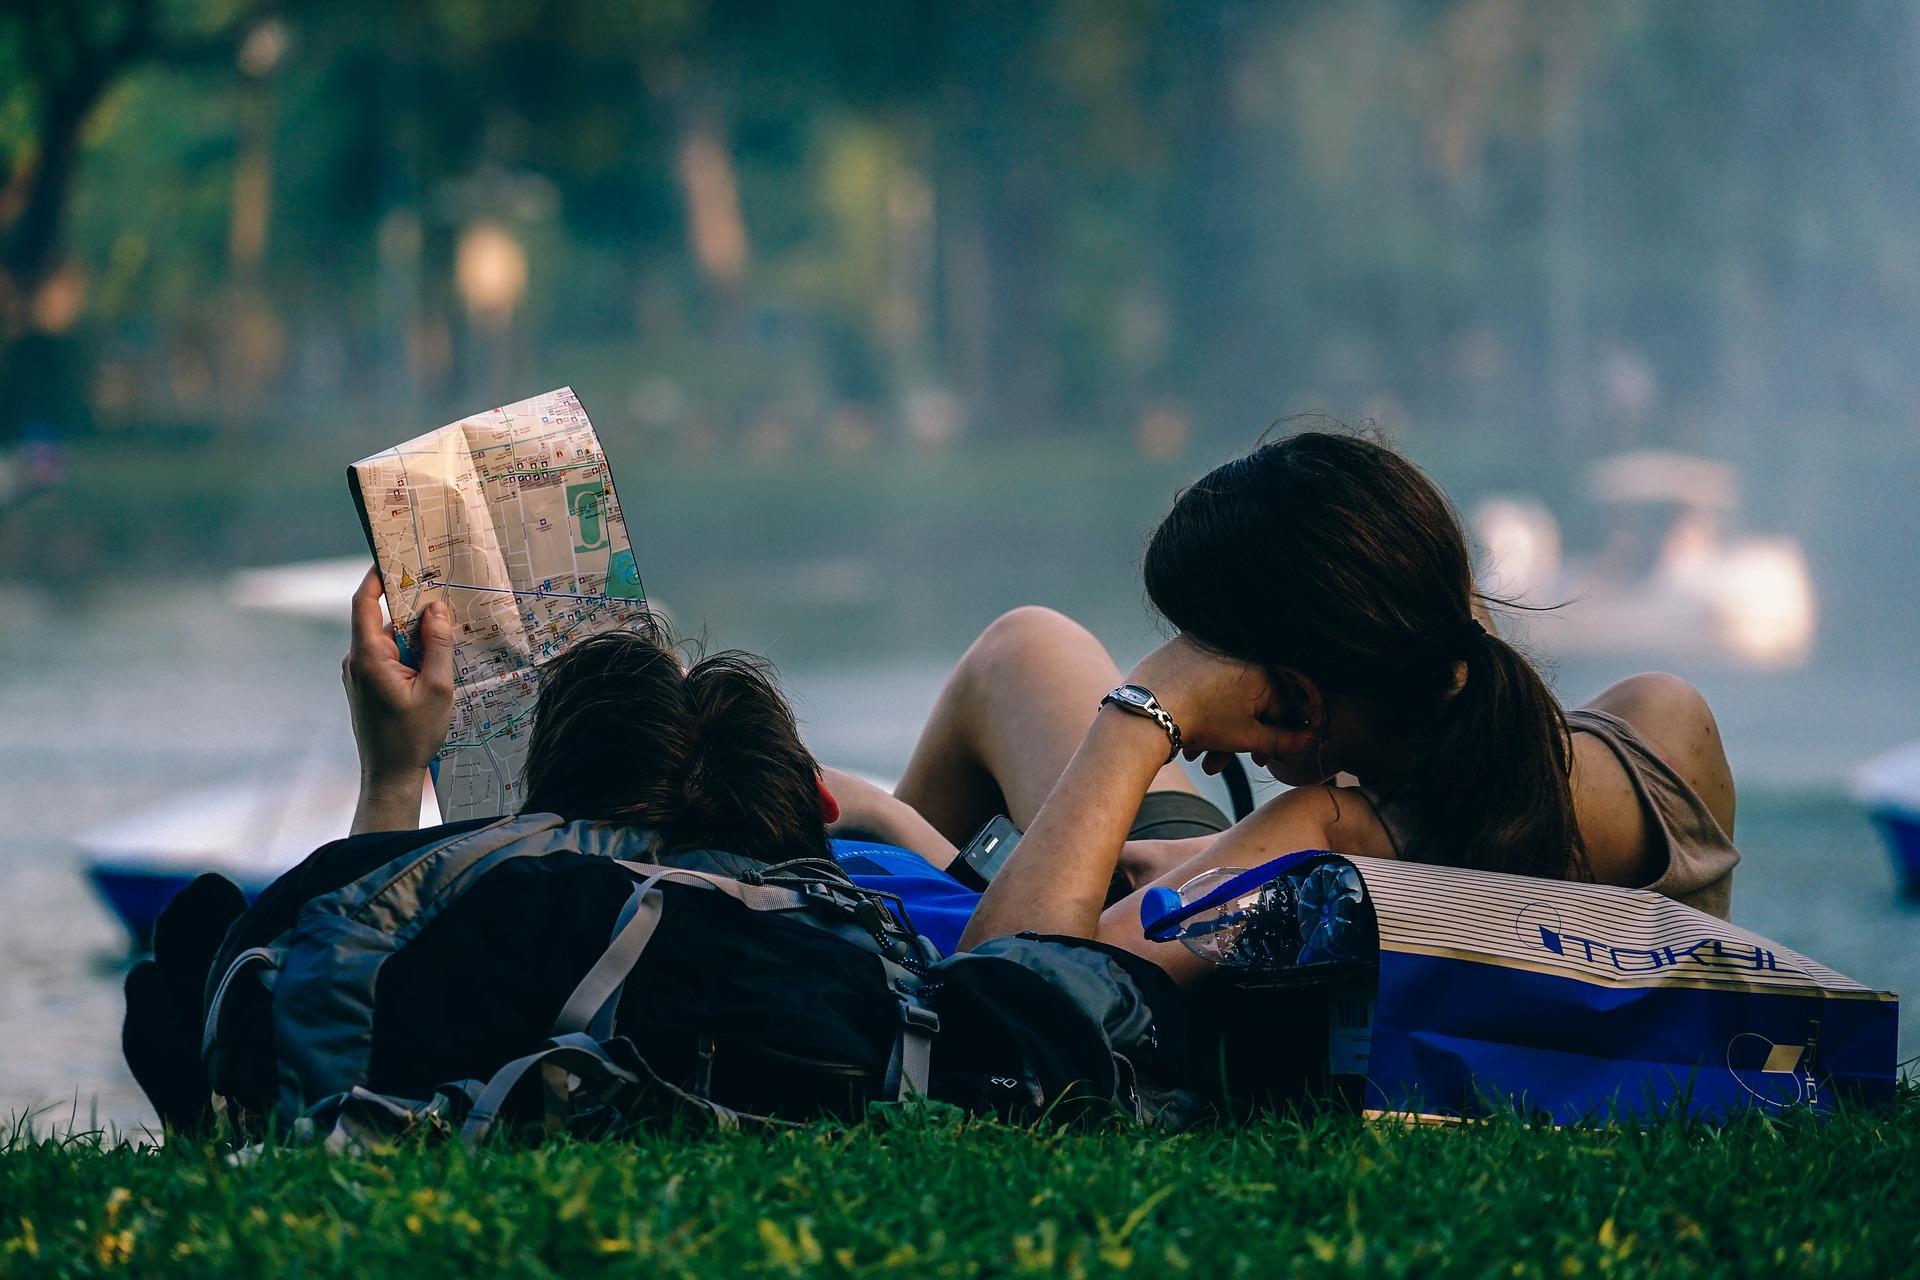 Studiranje u Nemačkoj - 10 stvari koje morate znati!